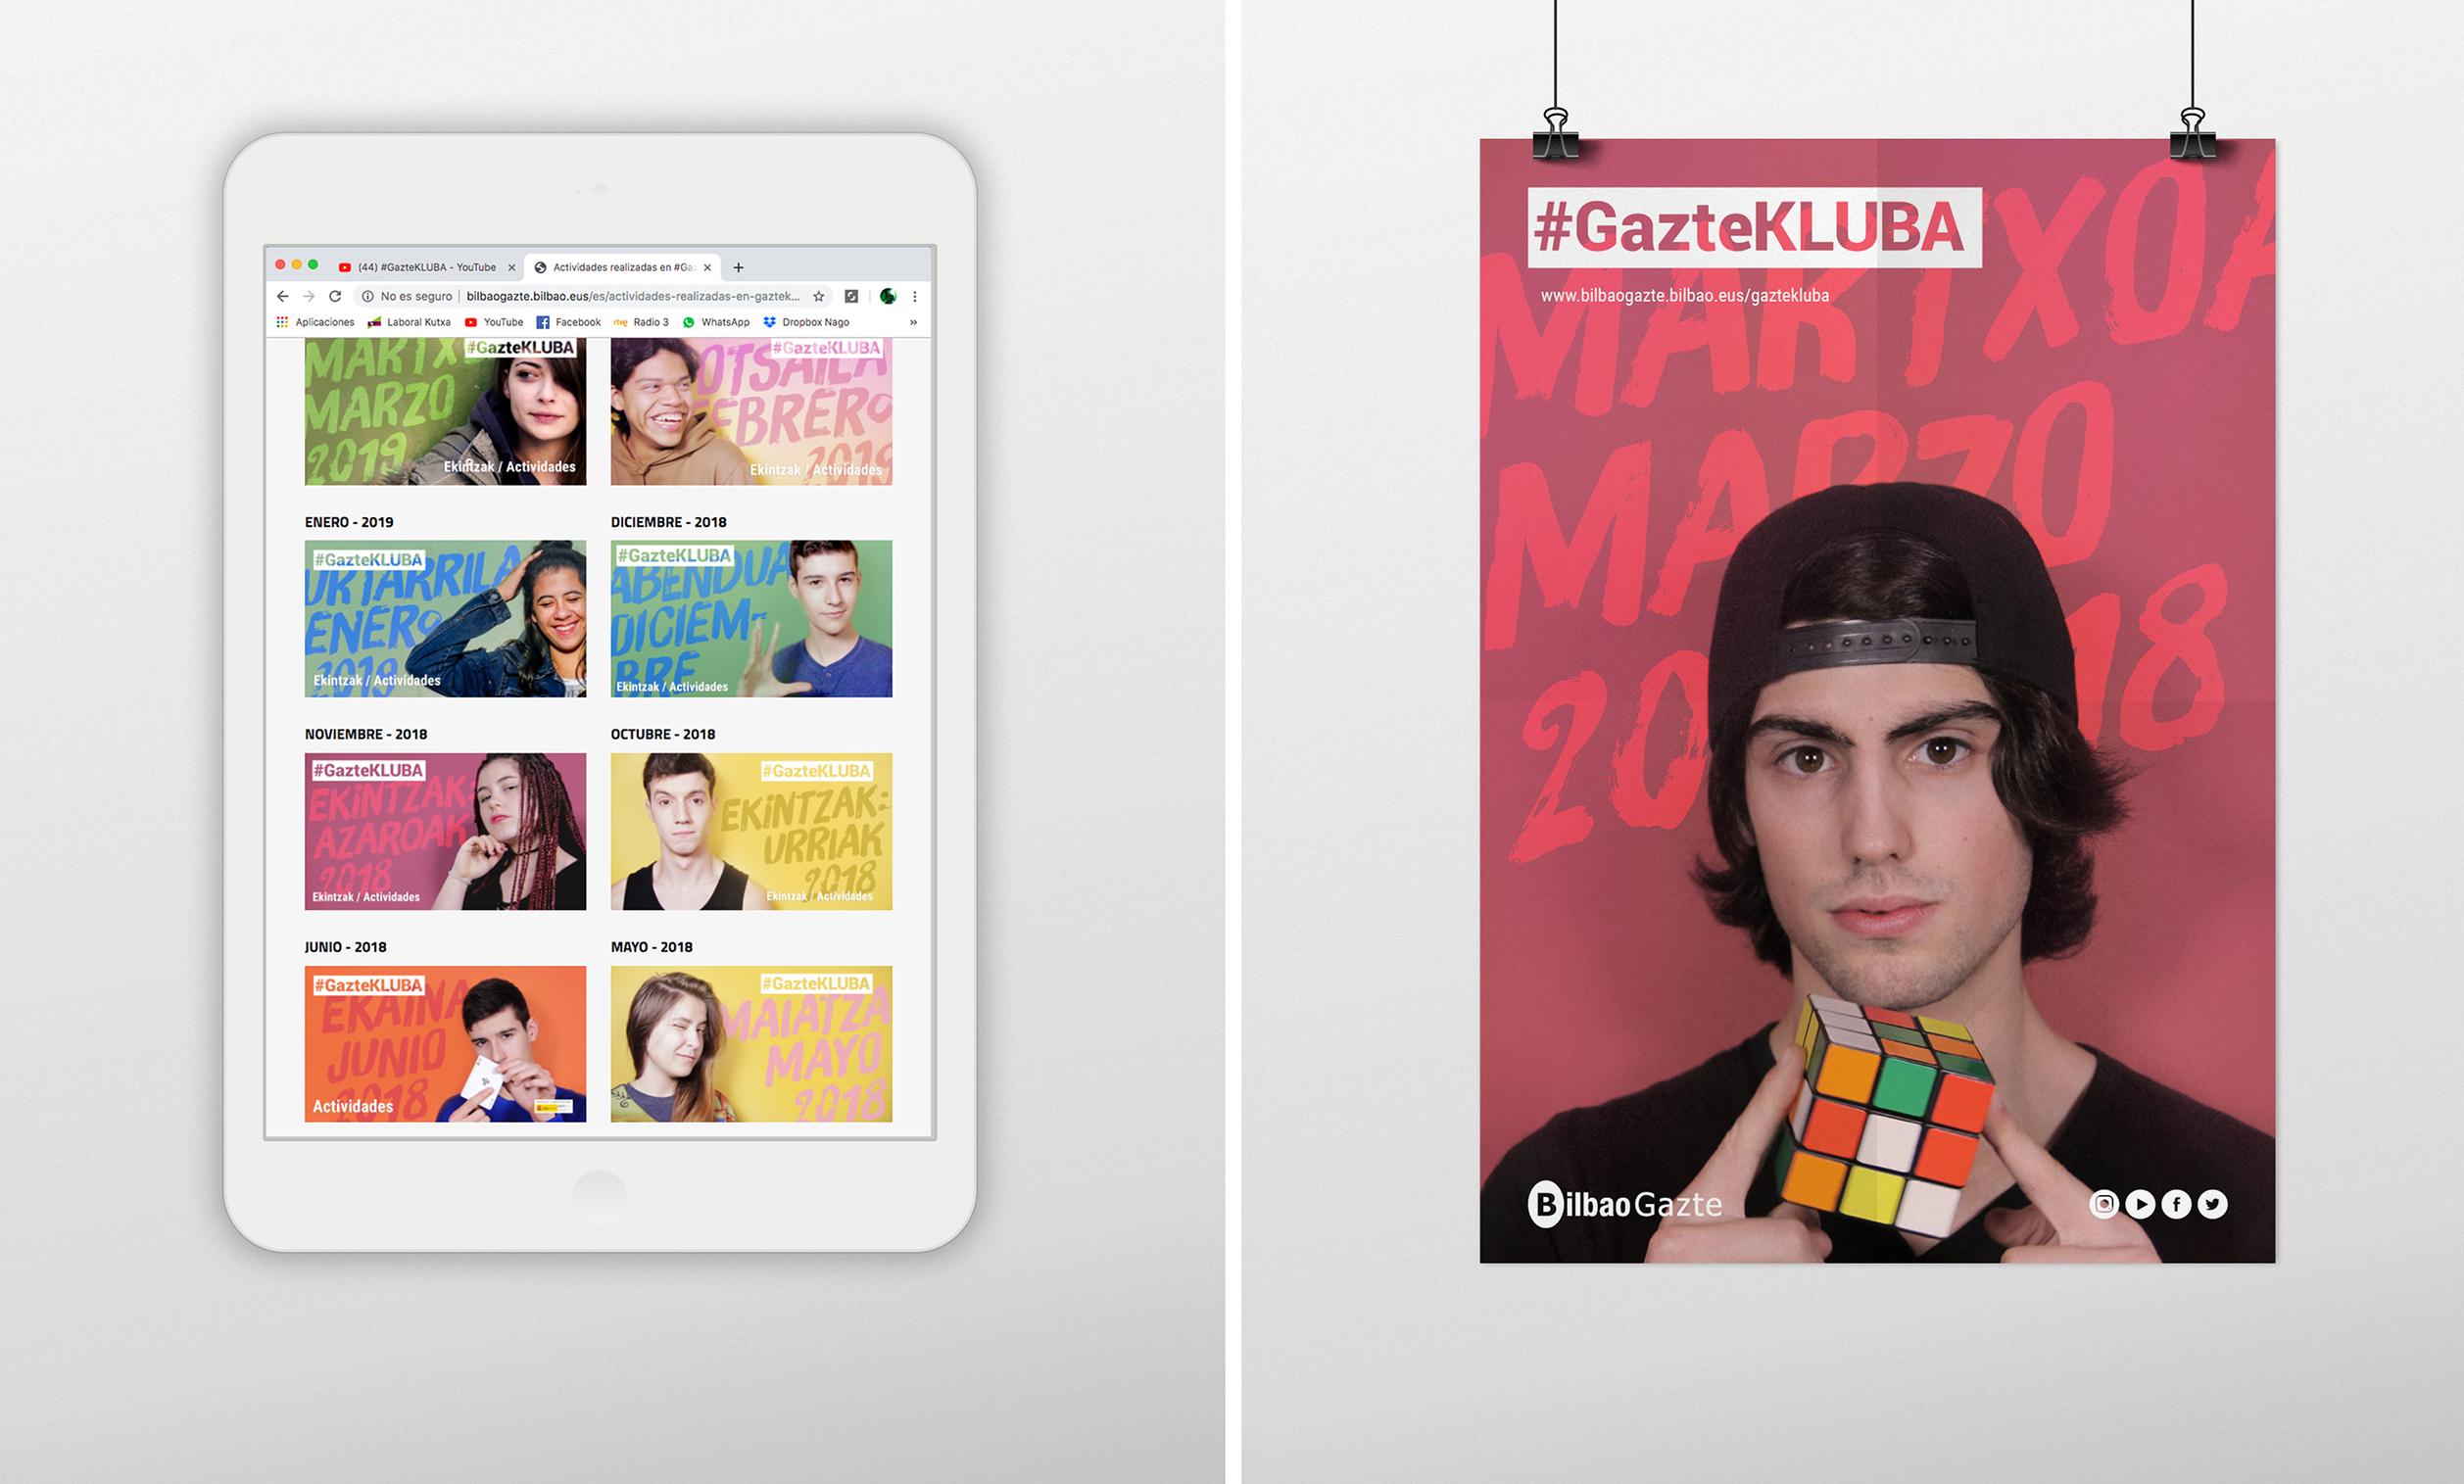 #GazteKLUBA, Branding y campaña de comunicación by Nagore M. Jauregi - Creative Work - $i